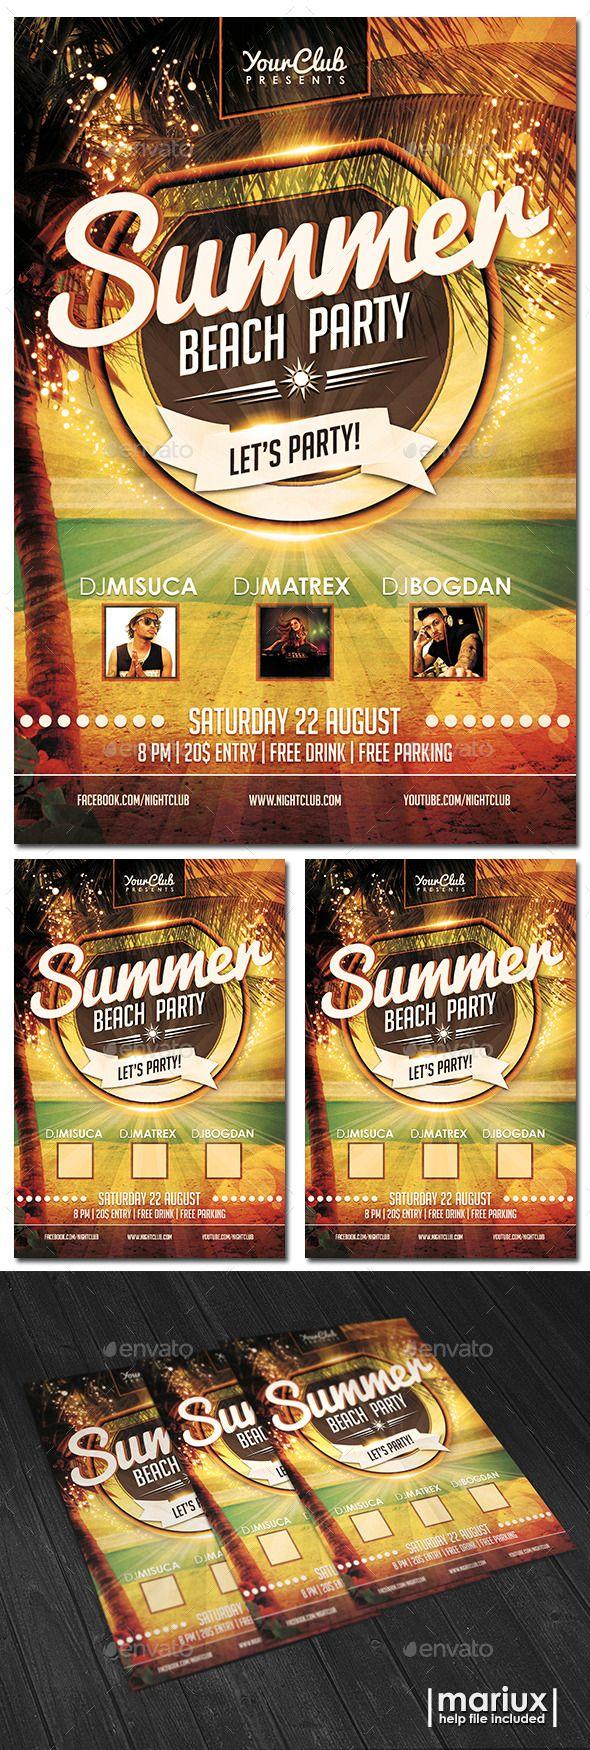 Summer Beach Party Flyer Template Design Download HttpKsioks